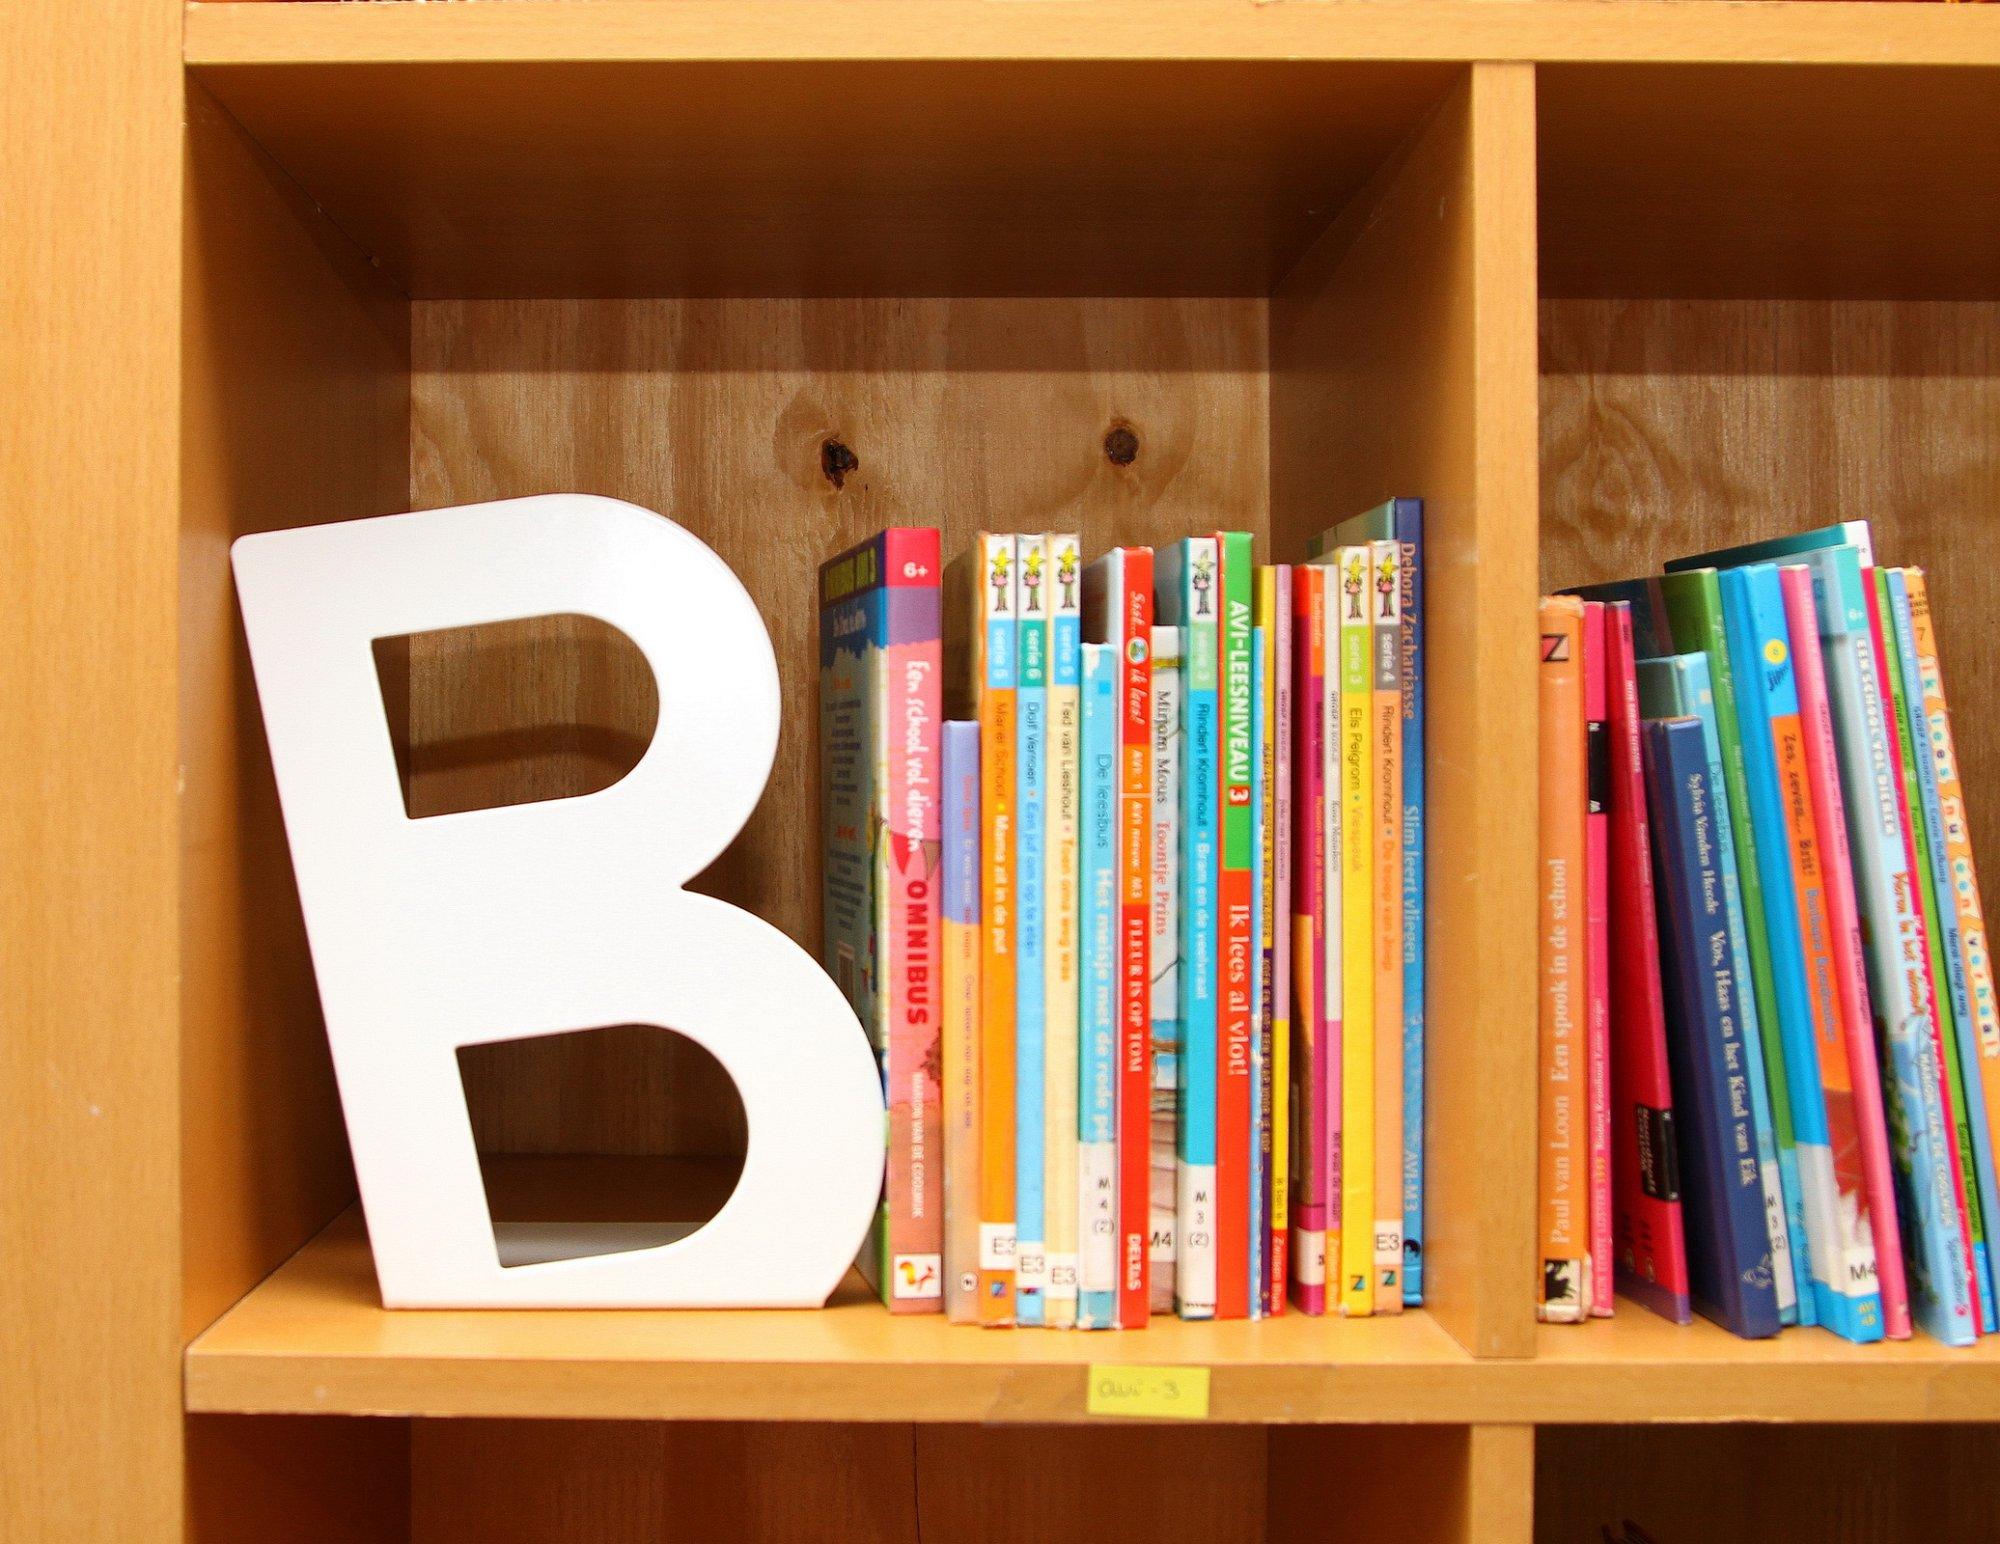 Basisschool op basis van spelend en creatief leren